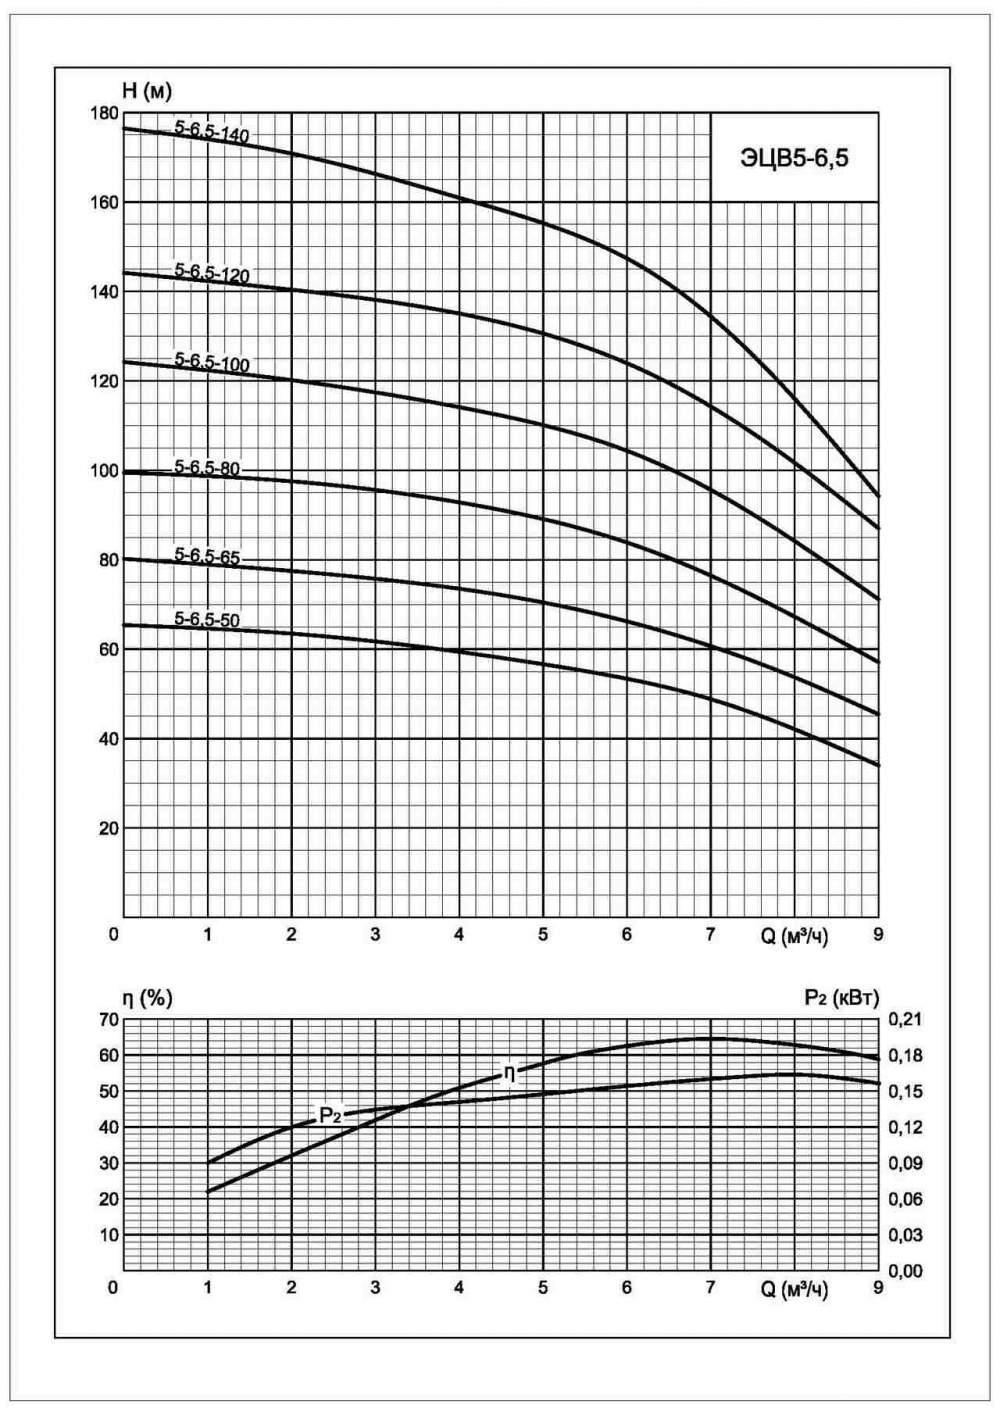 Характеристики ЭЦВ 5-6,5-80 Х